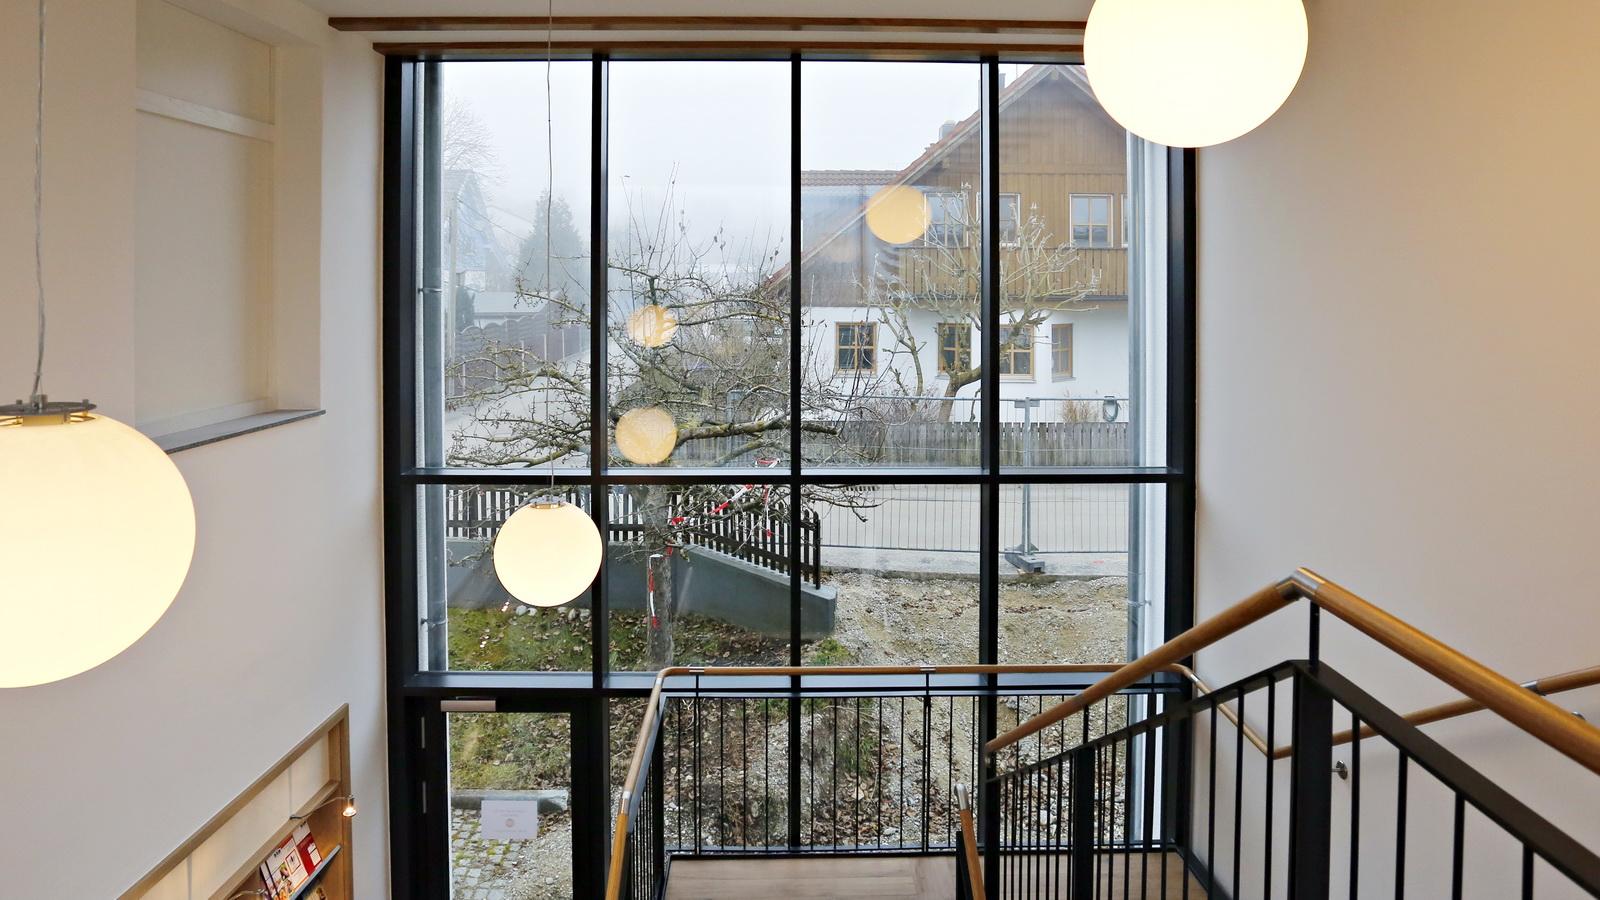 verglastes Treppenhaus im Anbau Rathaus Inning